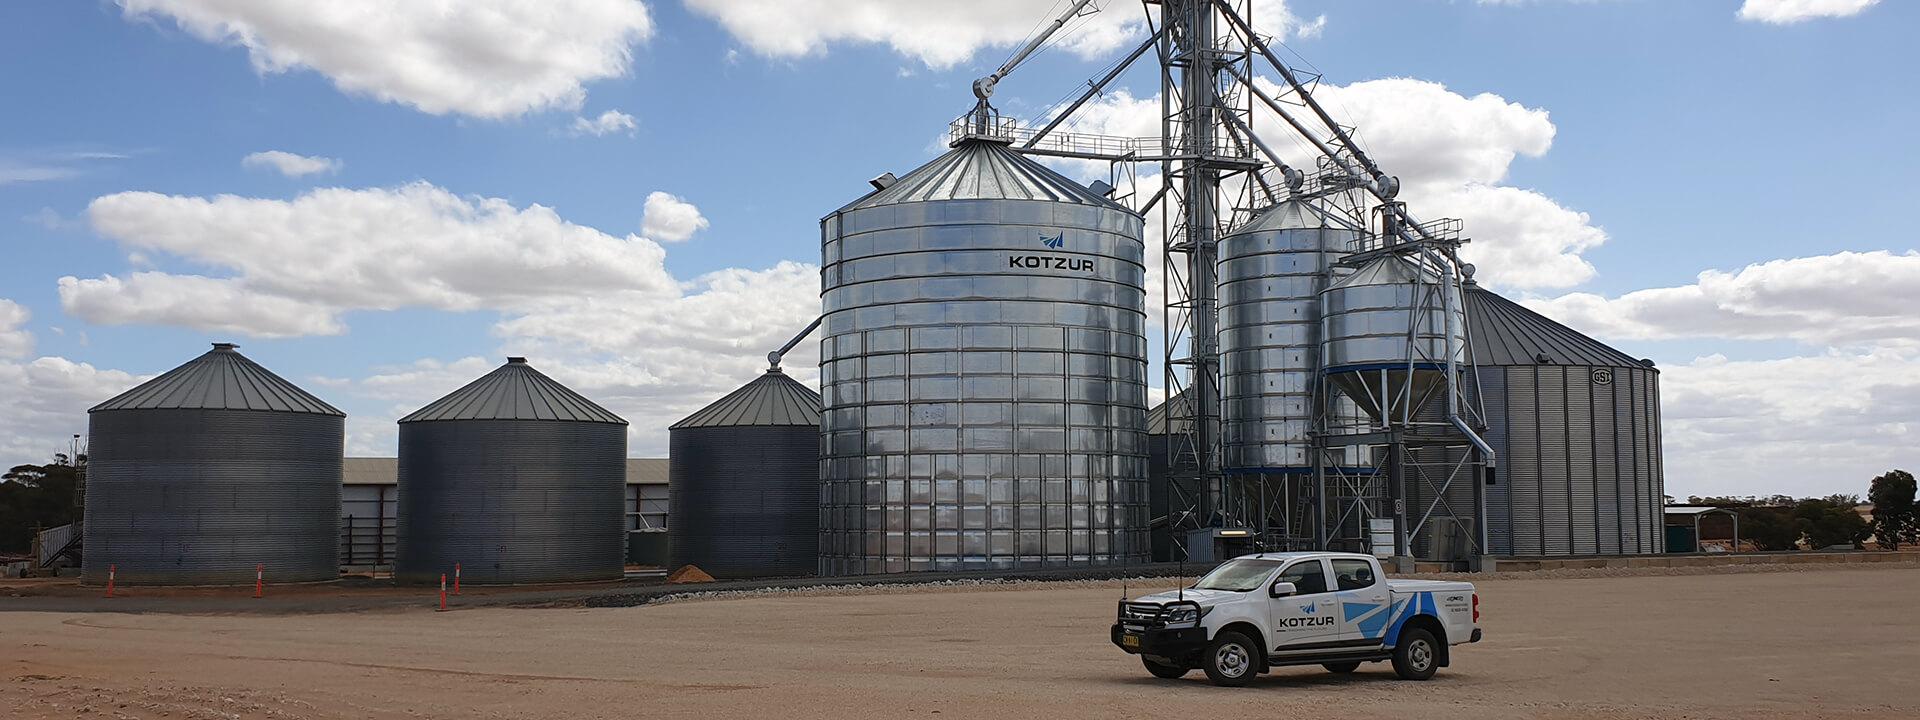 Mott Agriculture